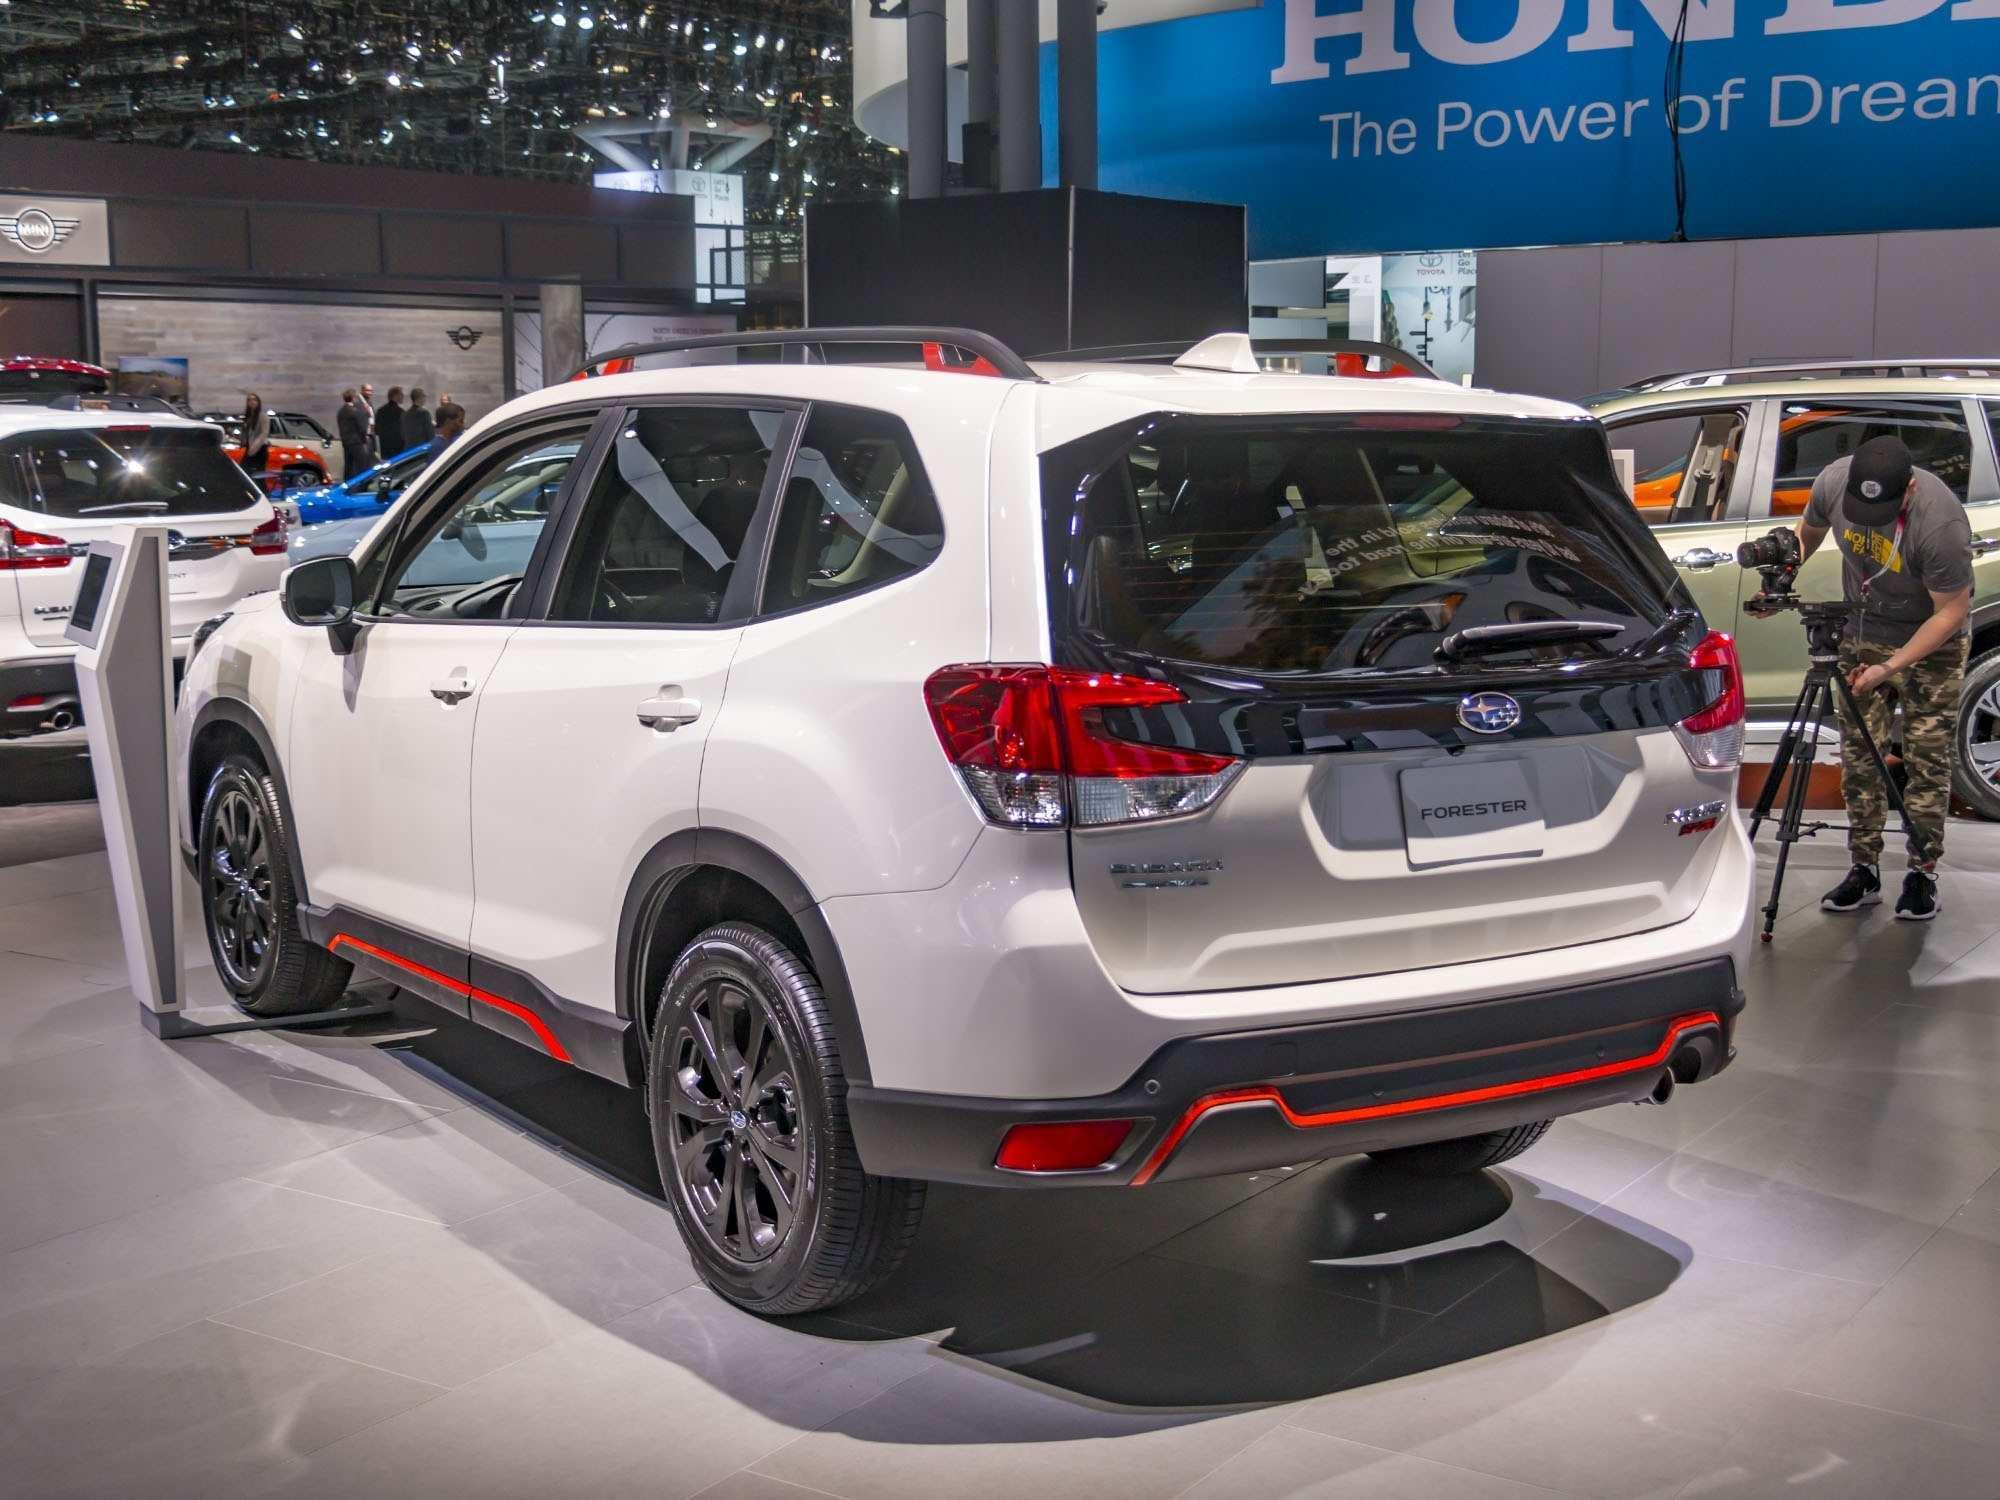 41 All New New Subaru Cars 2019 Spy Shoot History for New Subaru Cars 2019 Spy Shoot